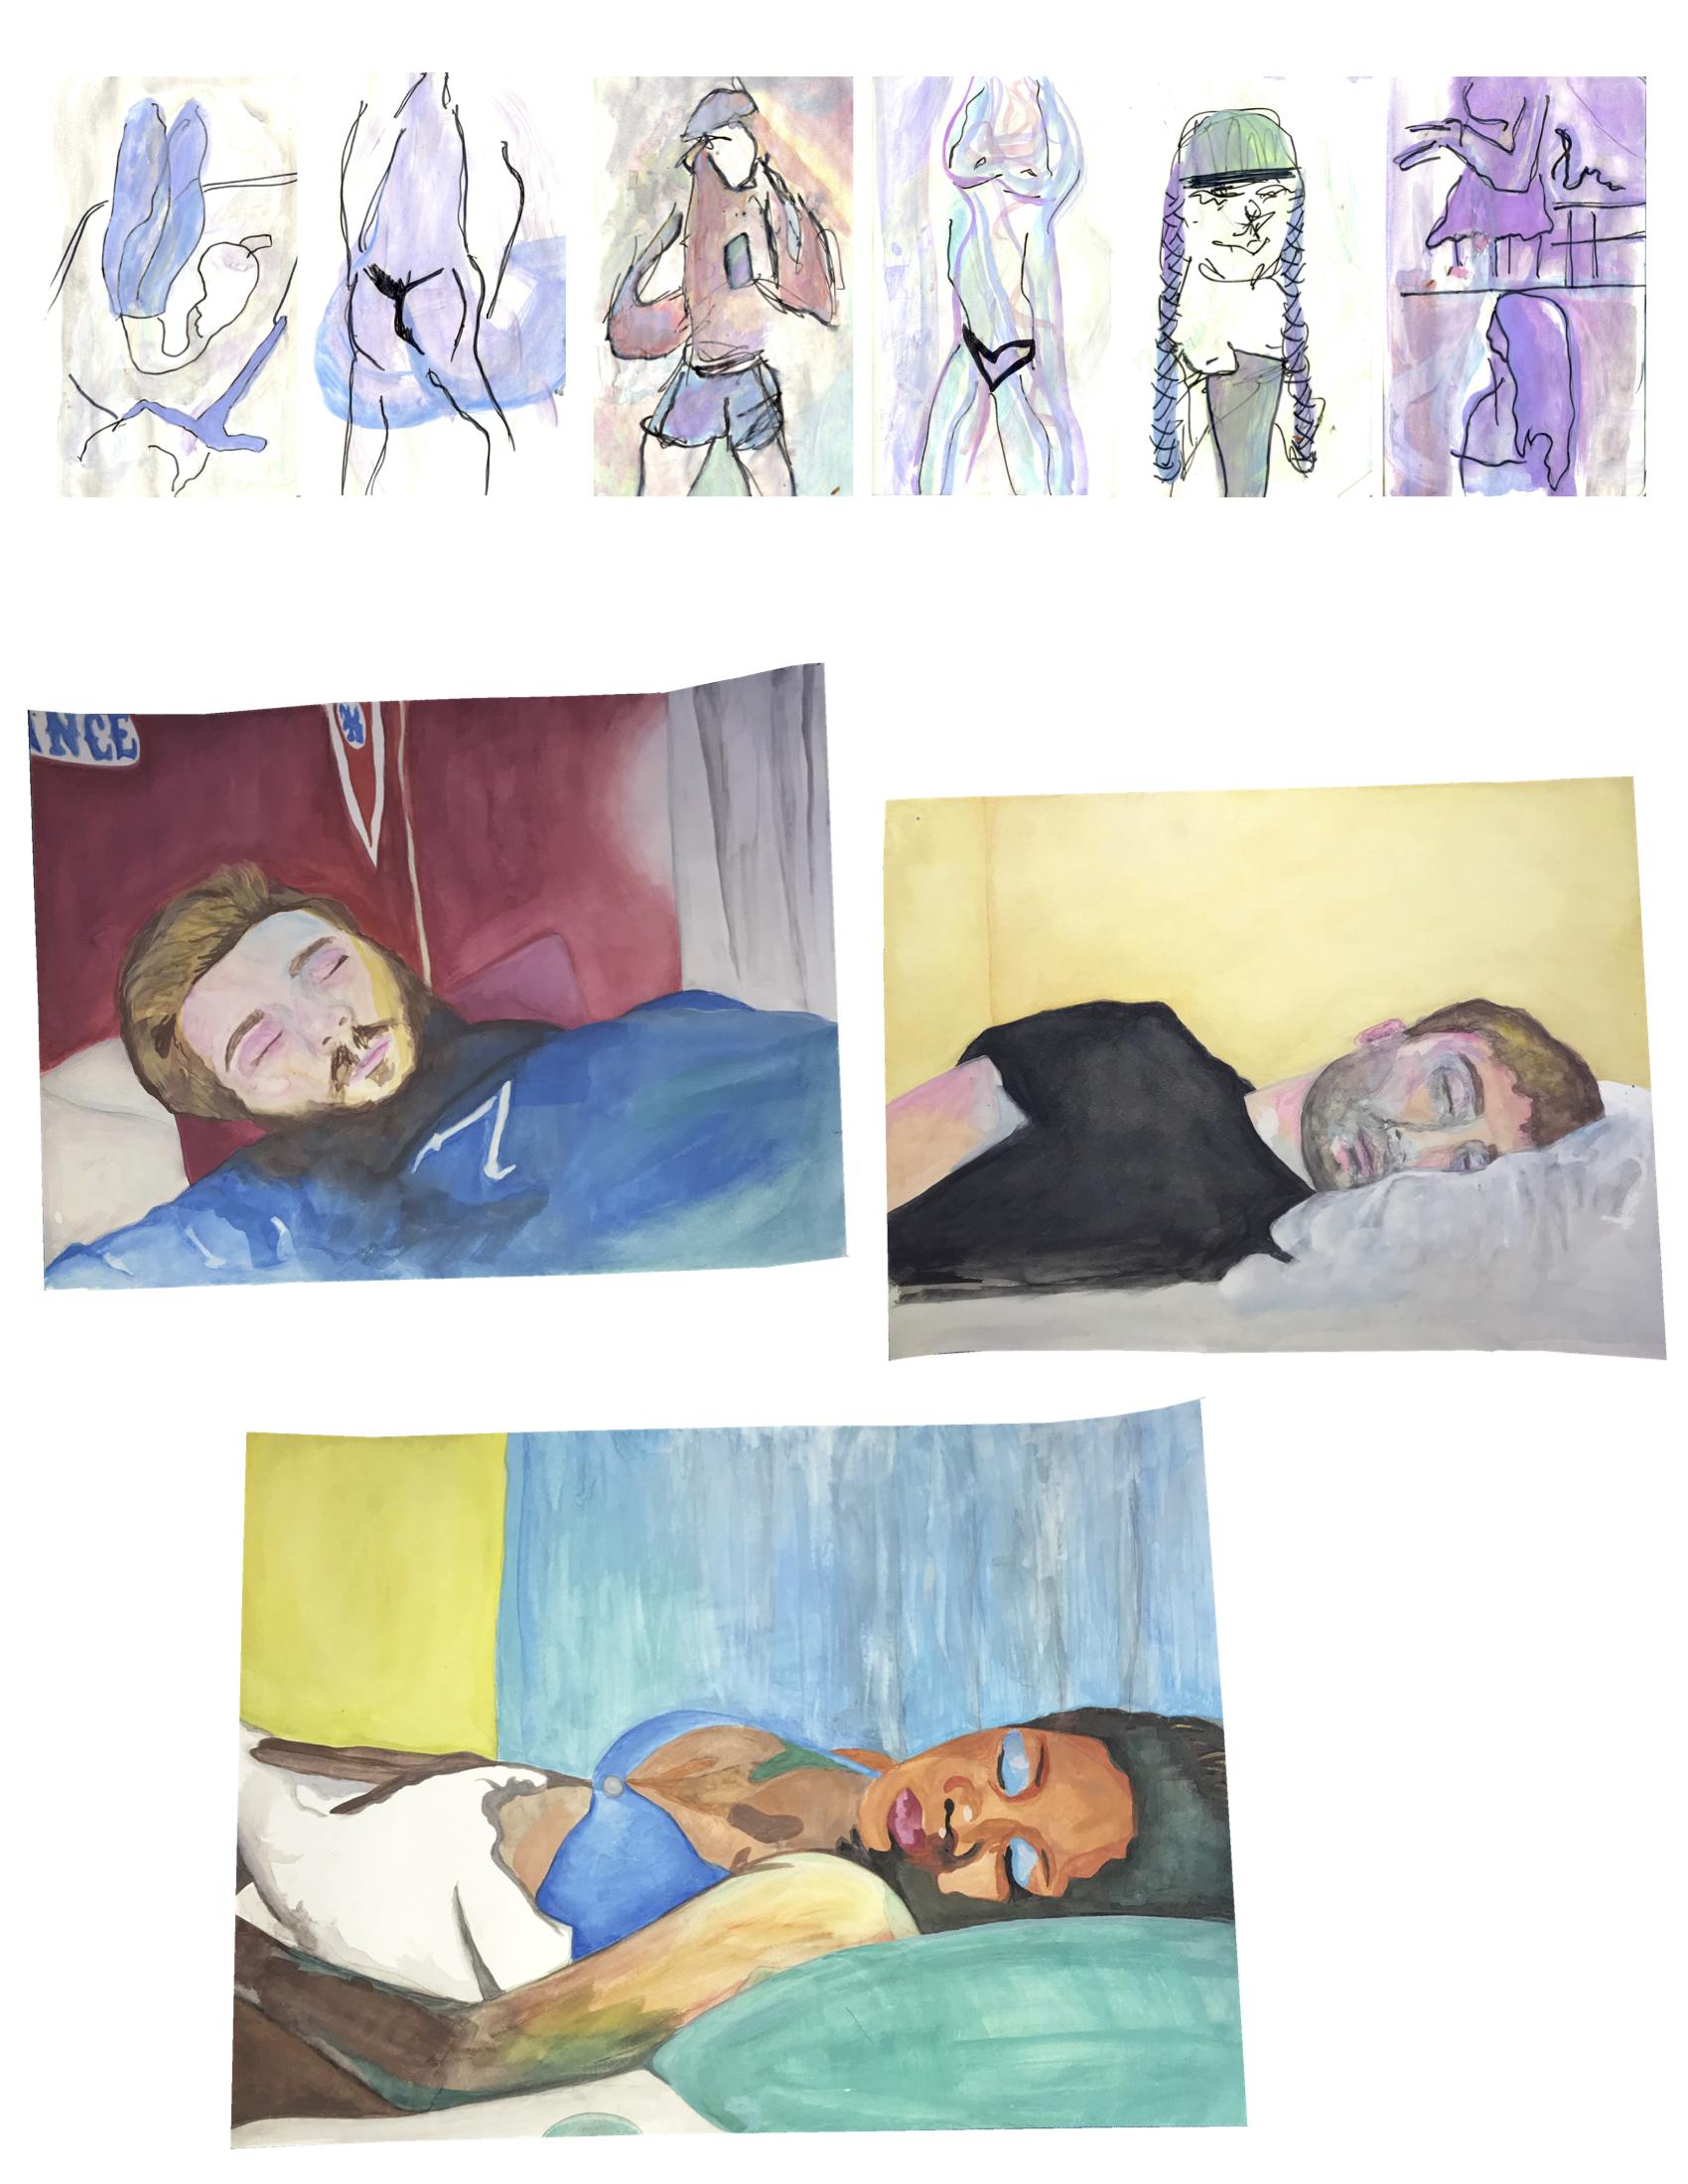 camgirl_drawings_sleeping_paintings.jpg